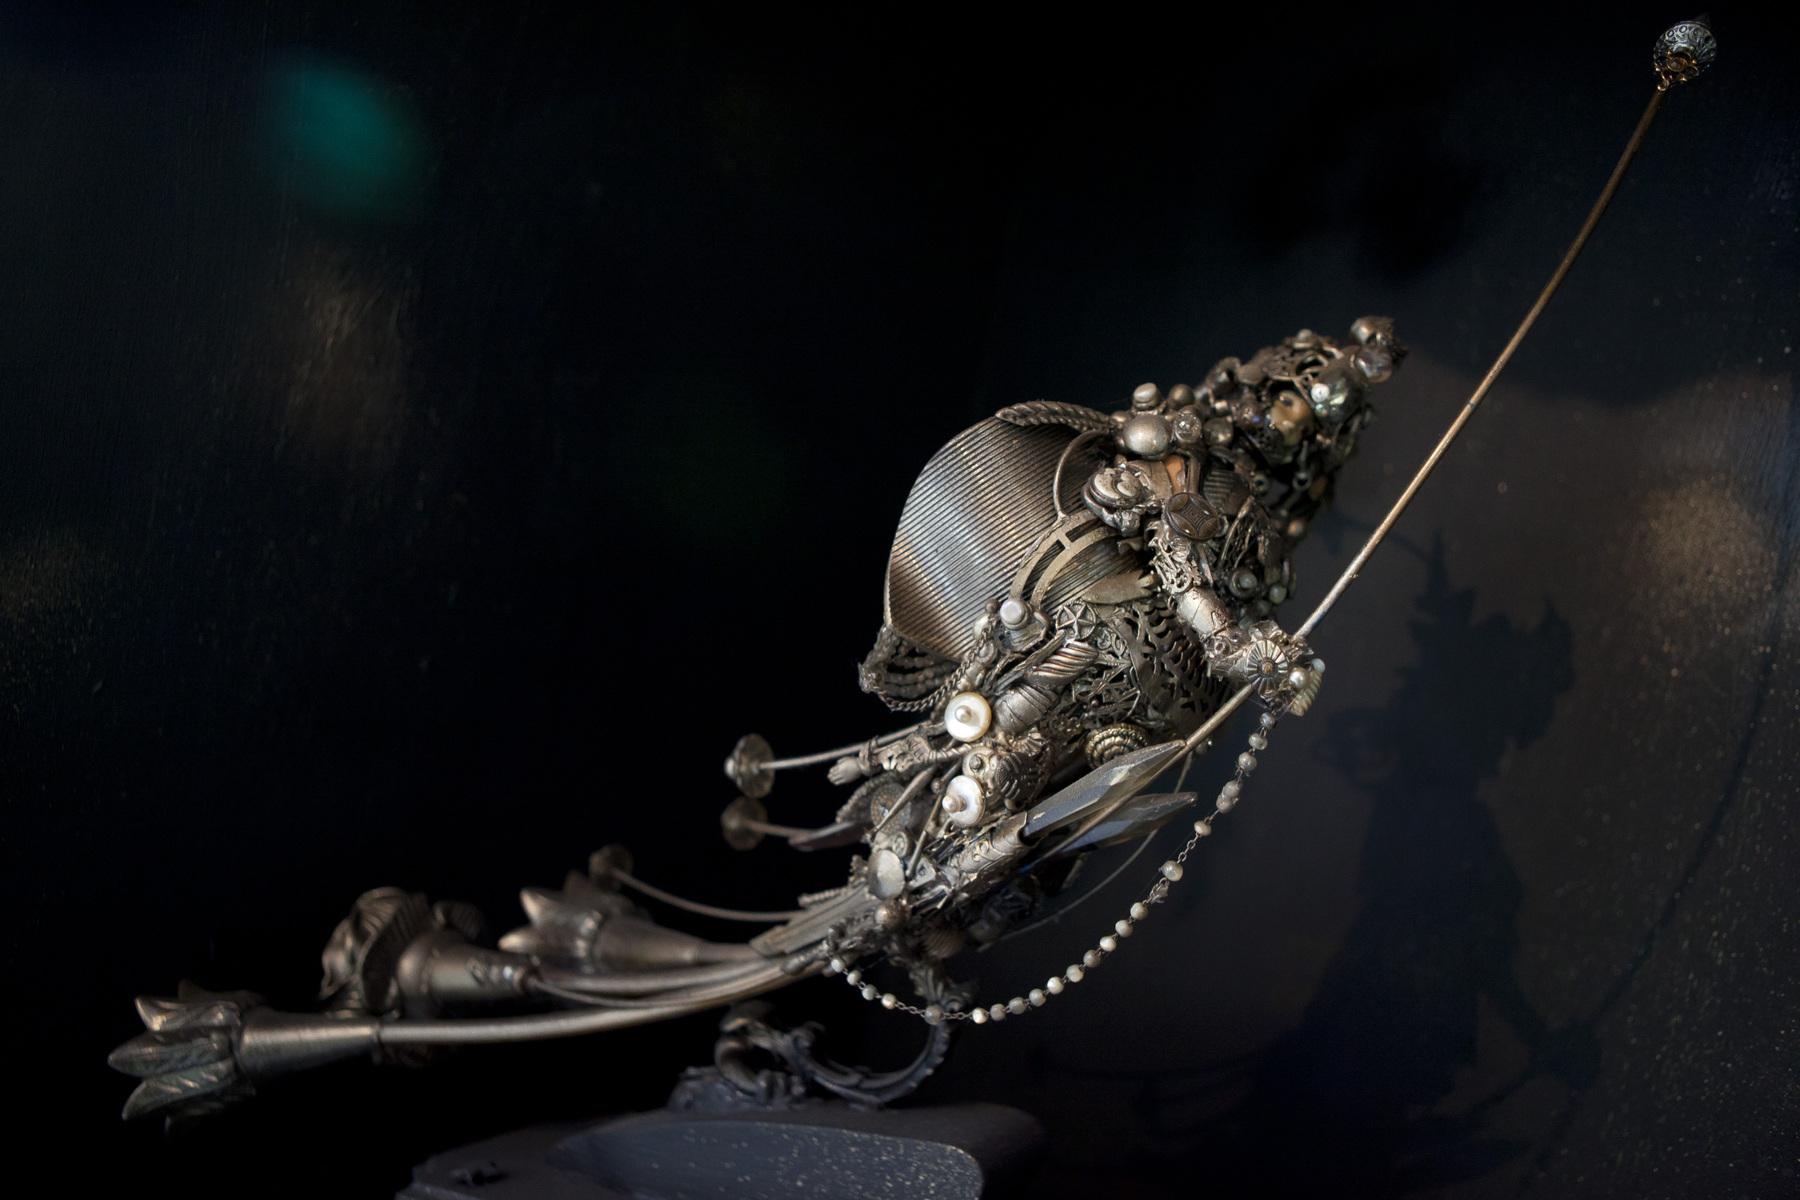 Jacques Lélut - SPACE-SAMOURAI / Poupée Barbie revisitée Collection privée